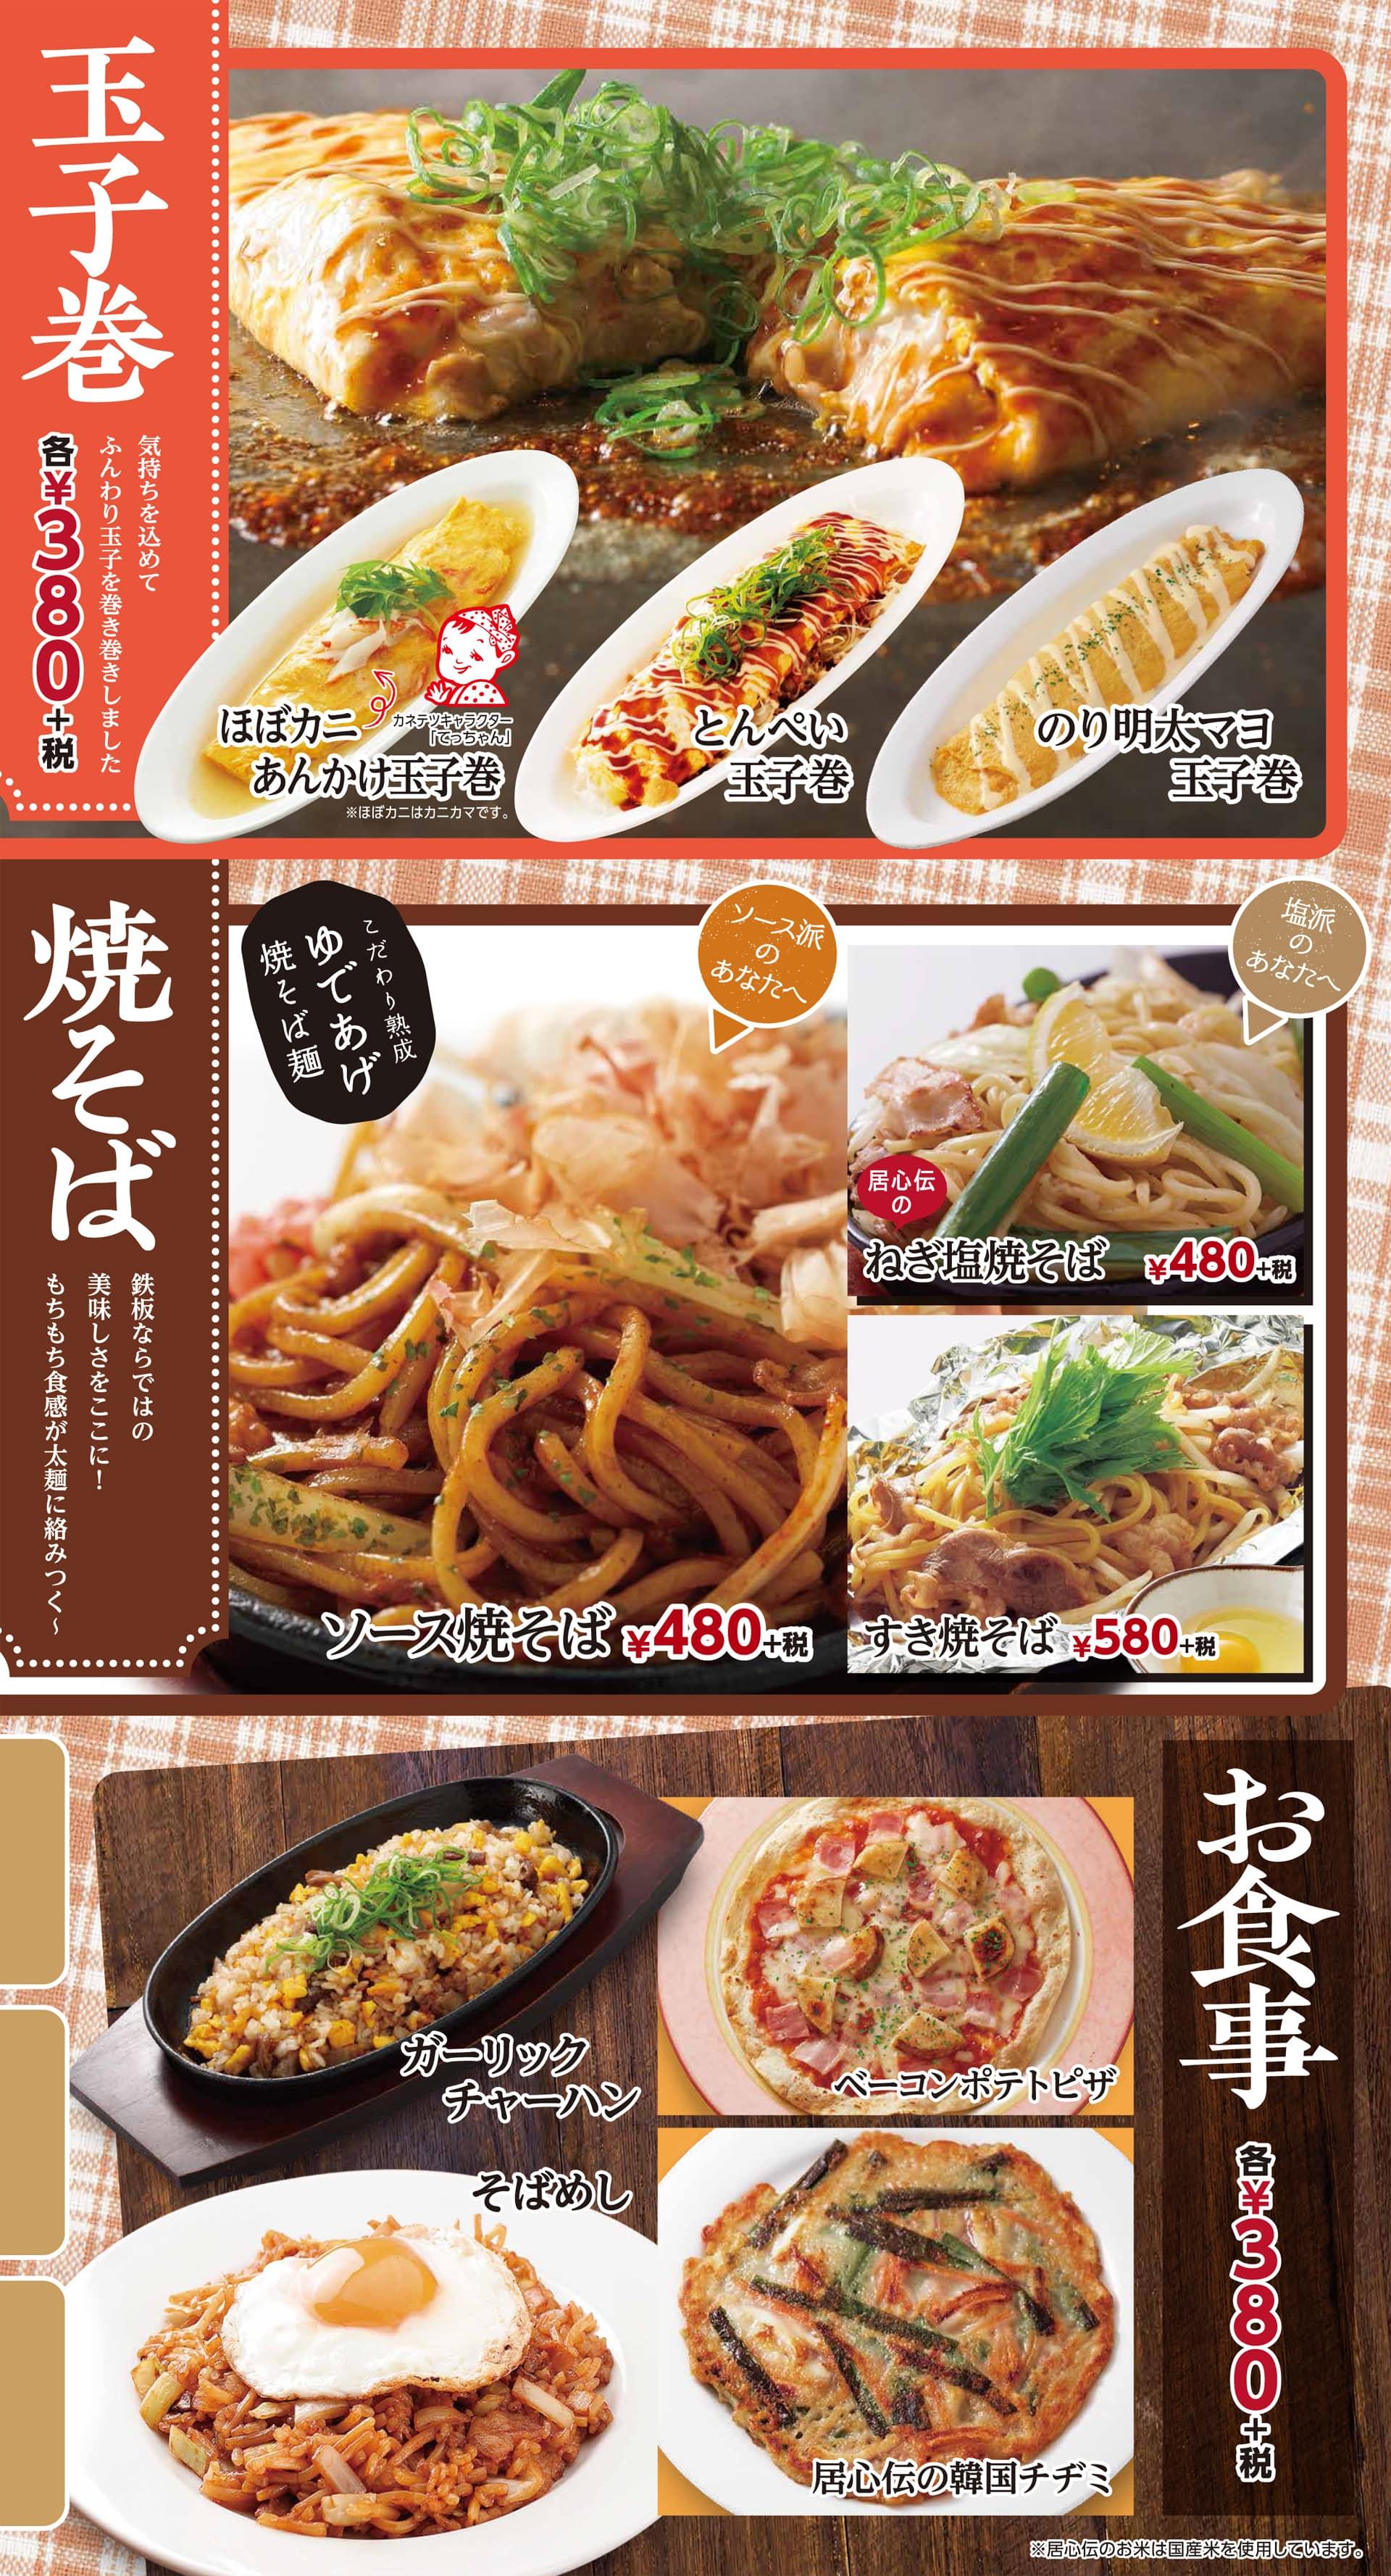 居心伝 玉子巻・焼そば・お食事1